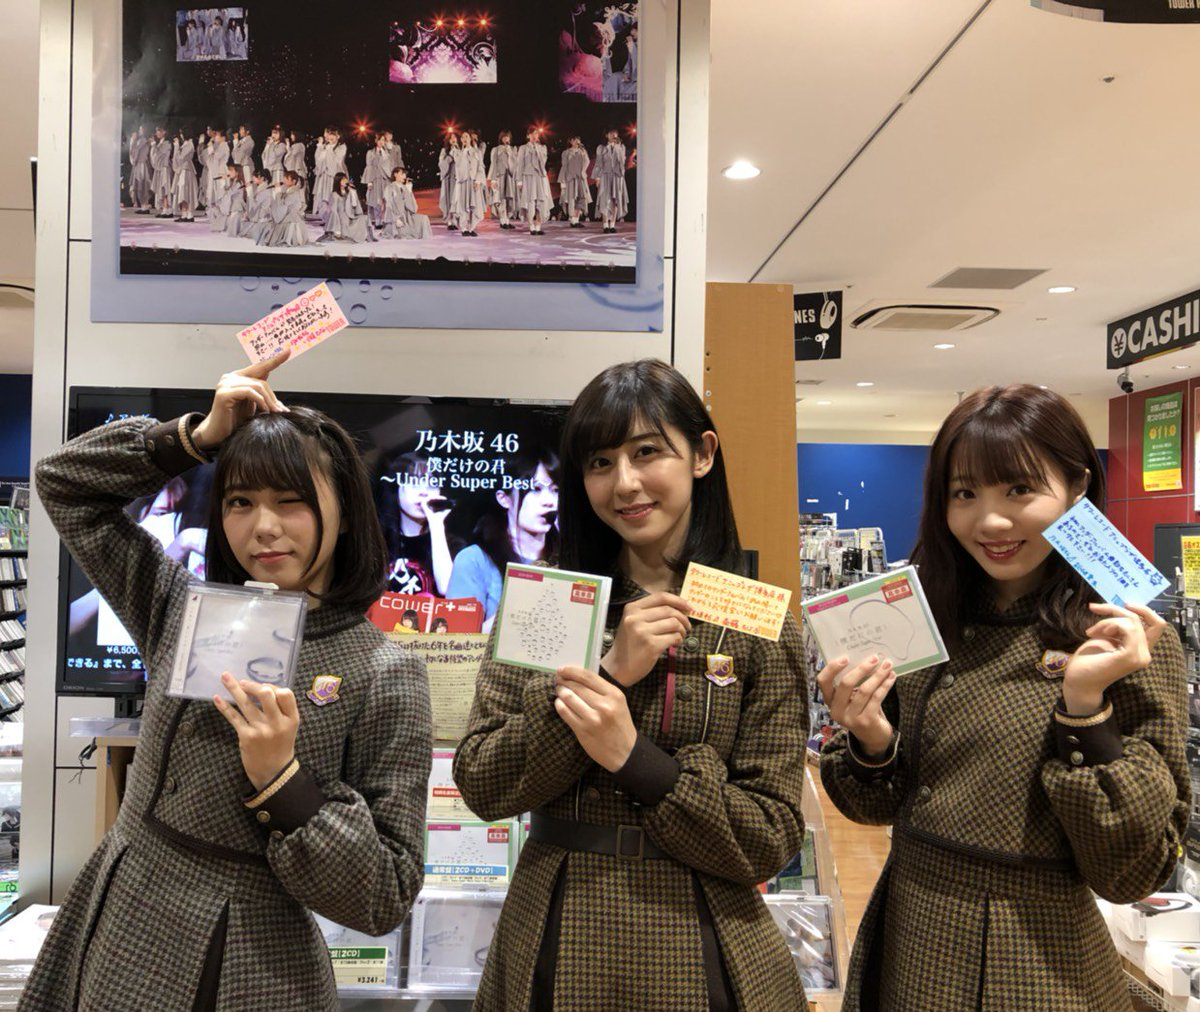 【アルバムキャンペーンin福岡】 いつも乃木坂46を大きく展開してくださってるタワーレコードアミュプラ...